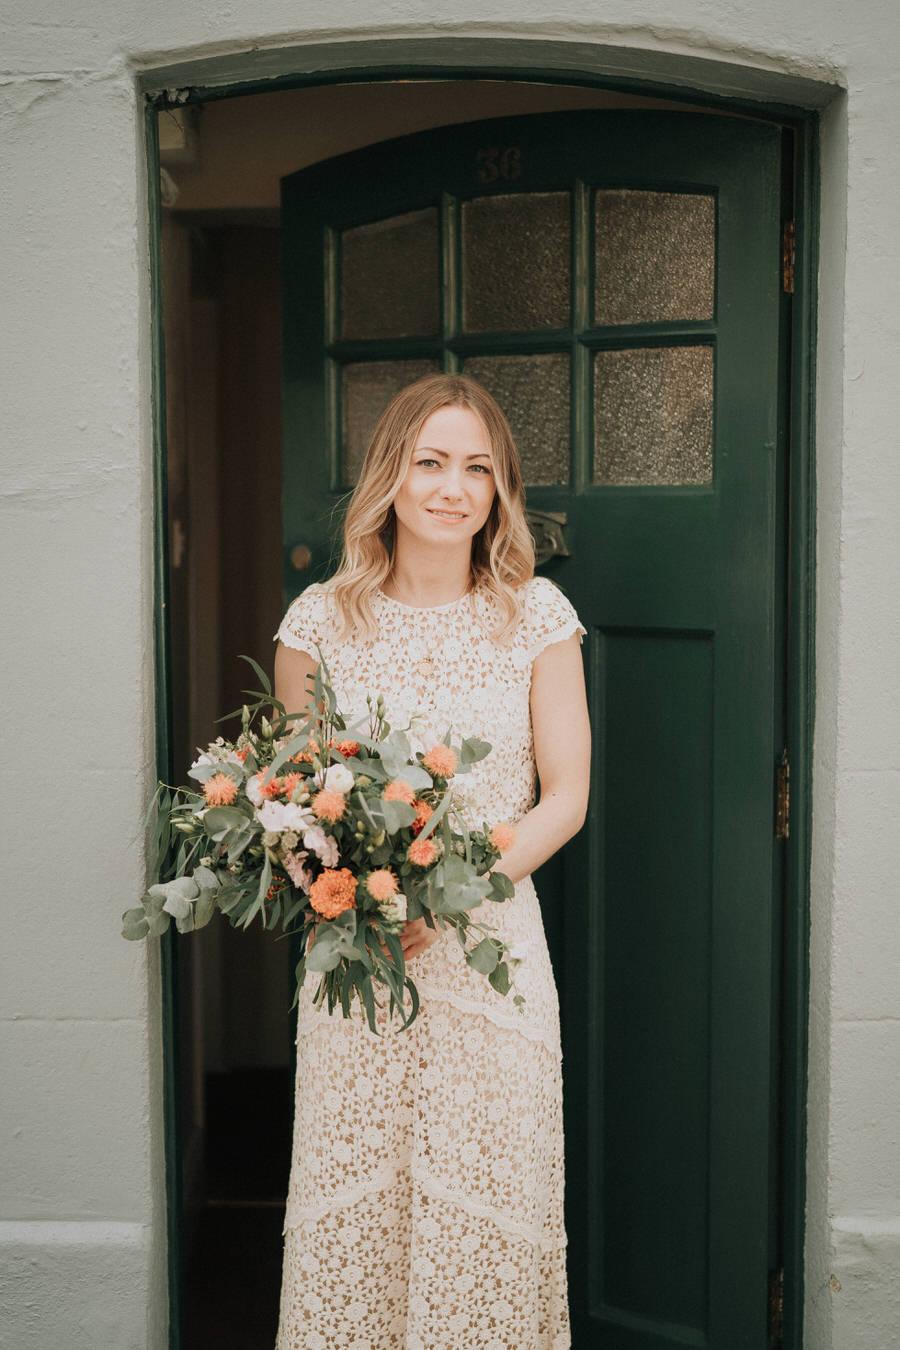 The-Station-House-wedding-Dublin-photographer- 0028 28